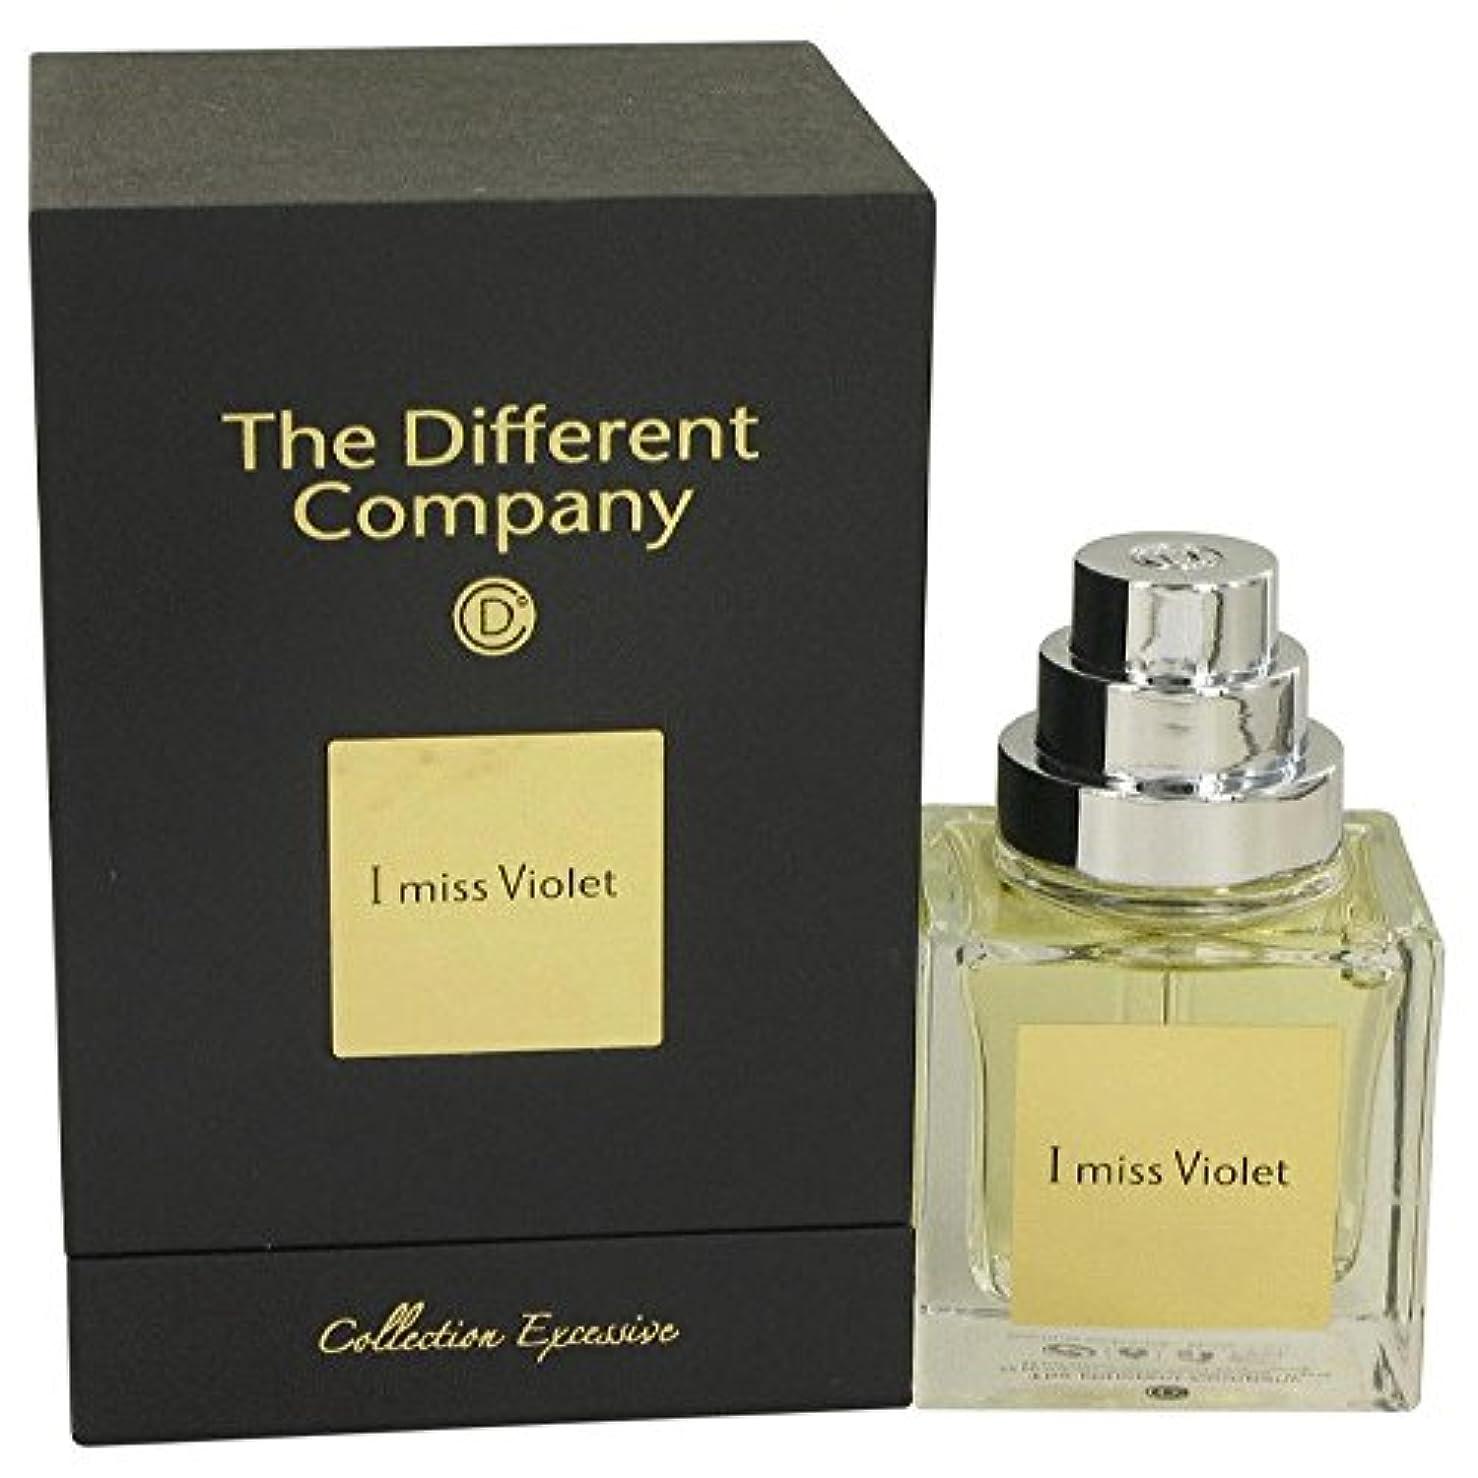 信頼性のあるユーモア世界記録のギネスブックThe Different Company I miss Violet (ザ ディファレント カンパニー アイ ミス バイオレット) 1.7 oz (50ml) EDP Spray for Women